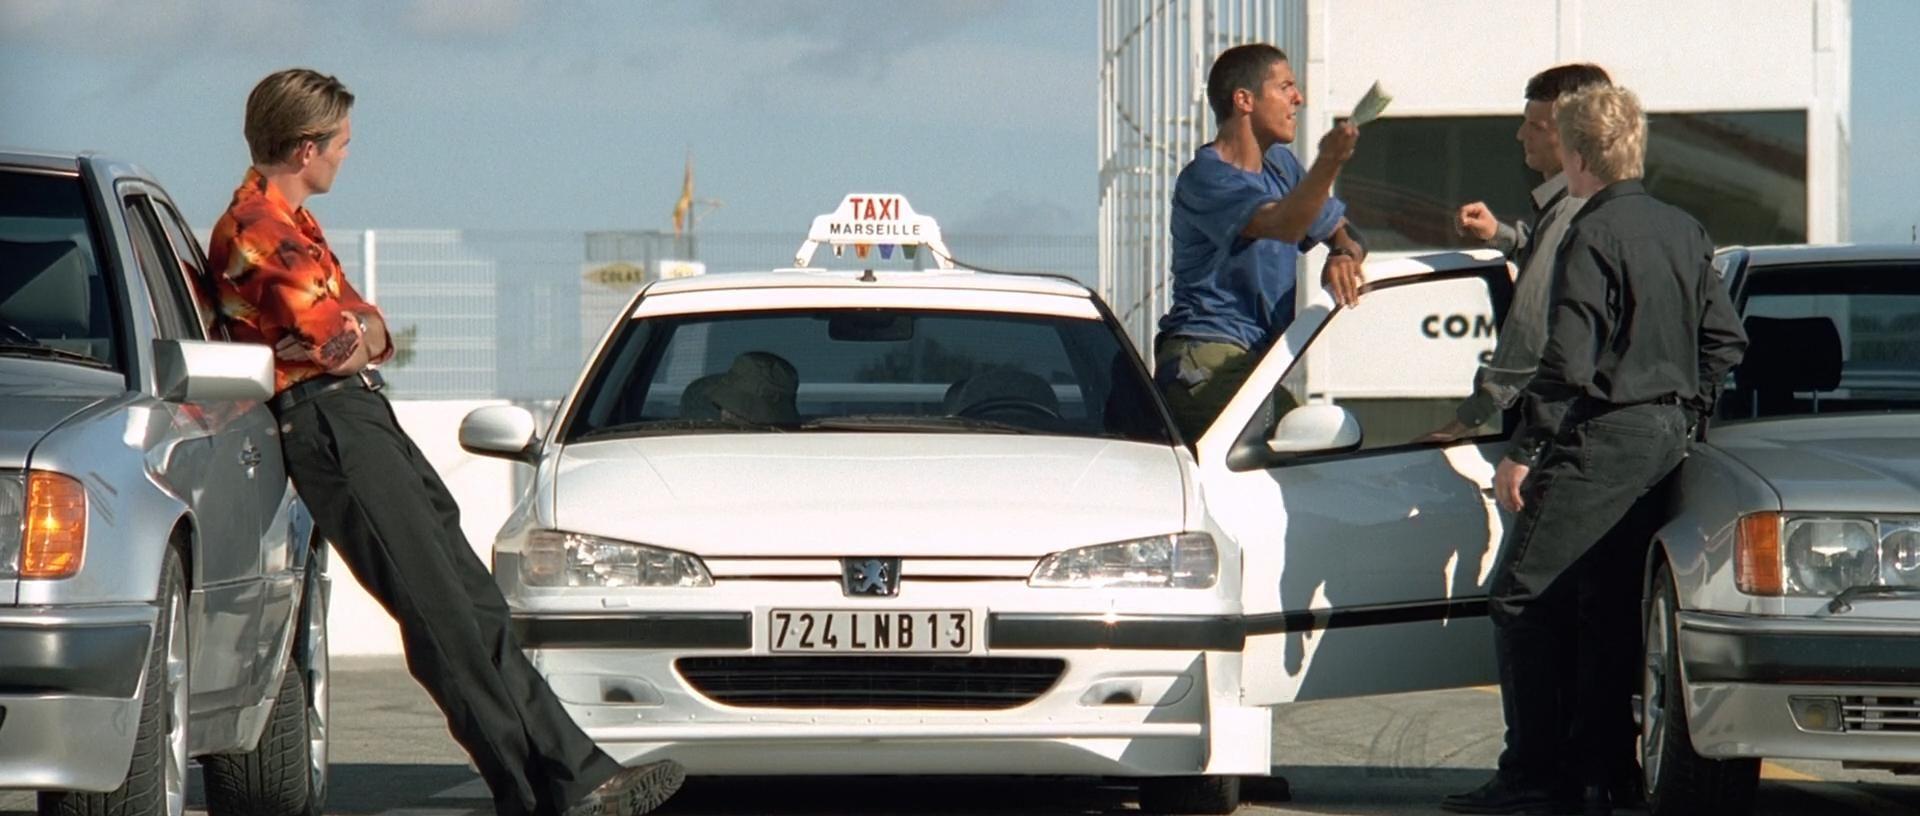 Реклама у фільмі «Таксі»